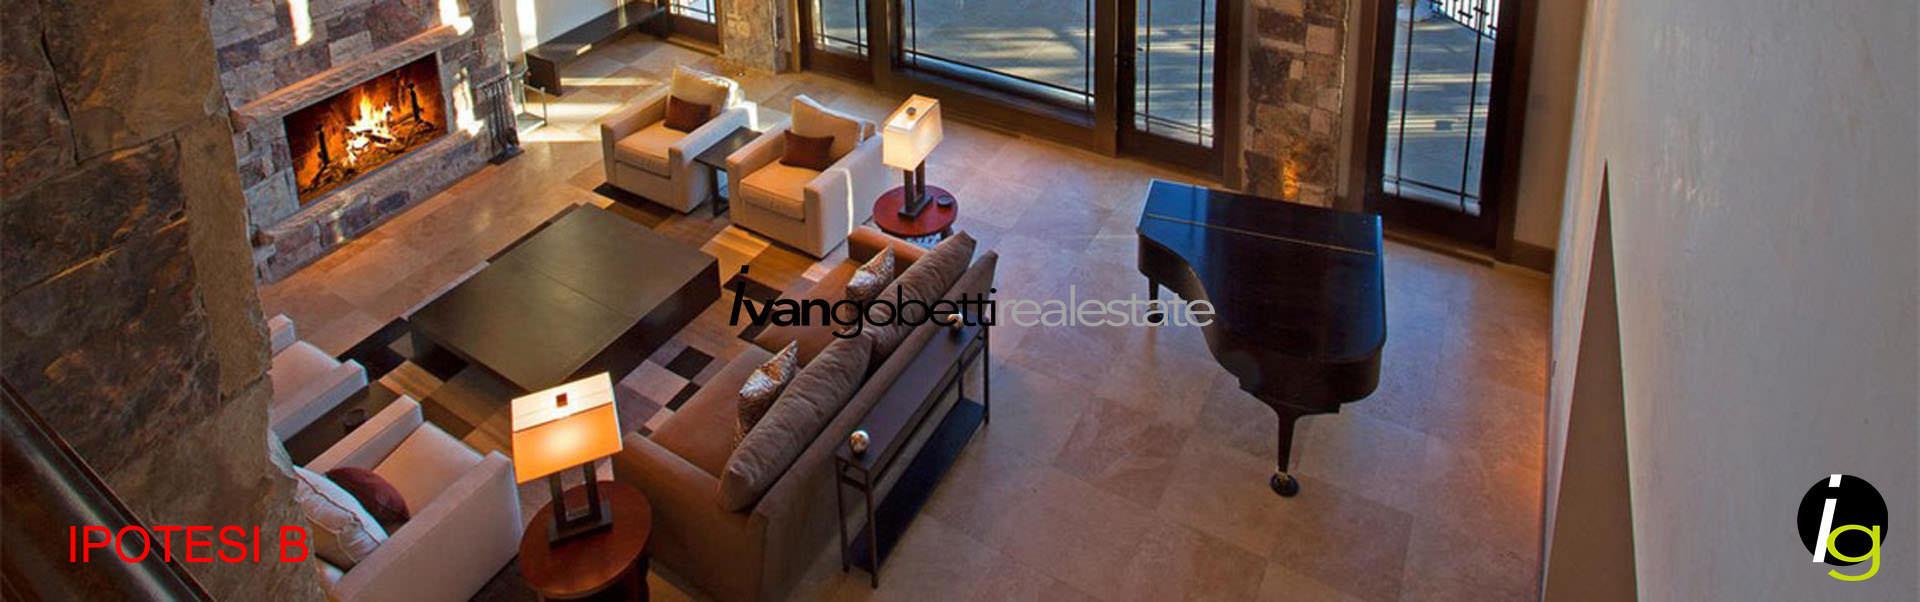 Building area on Lake Maggiore for sale